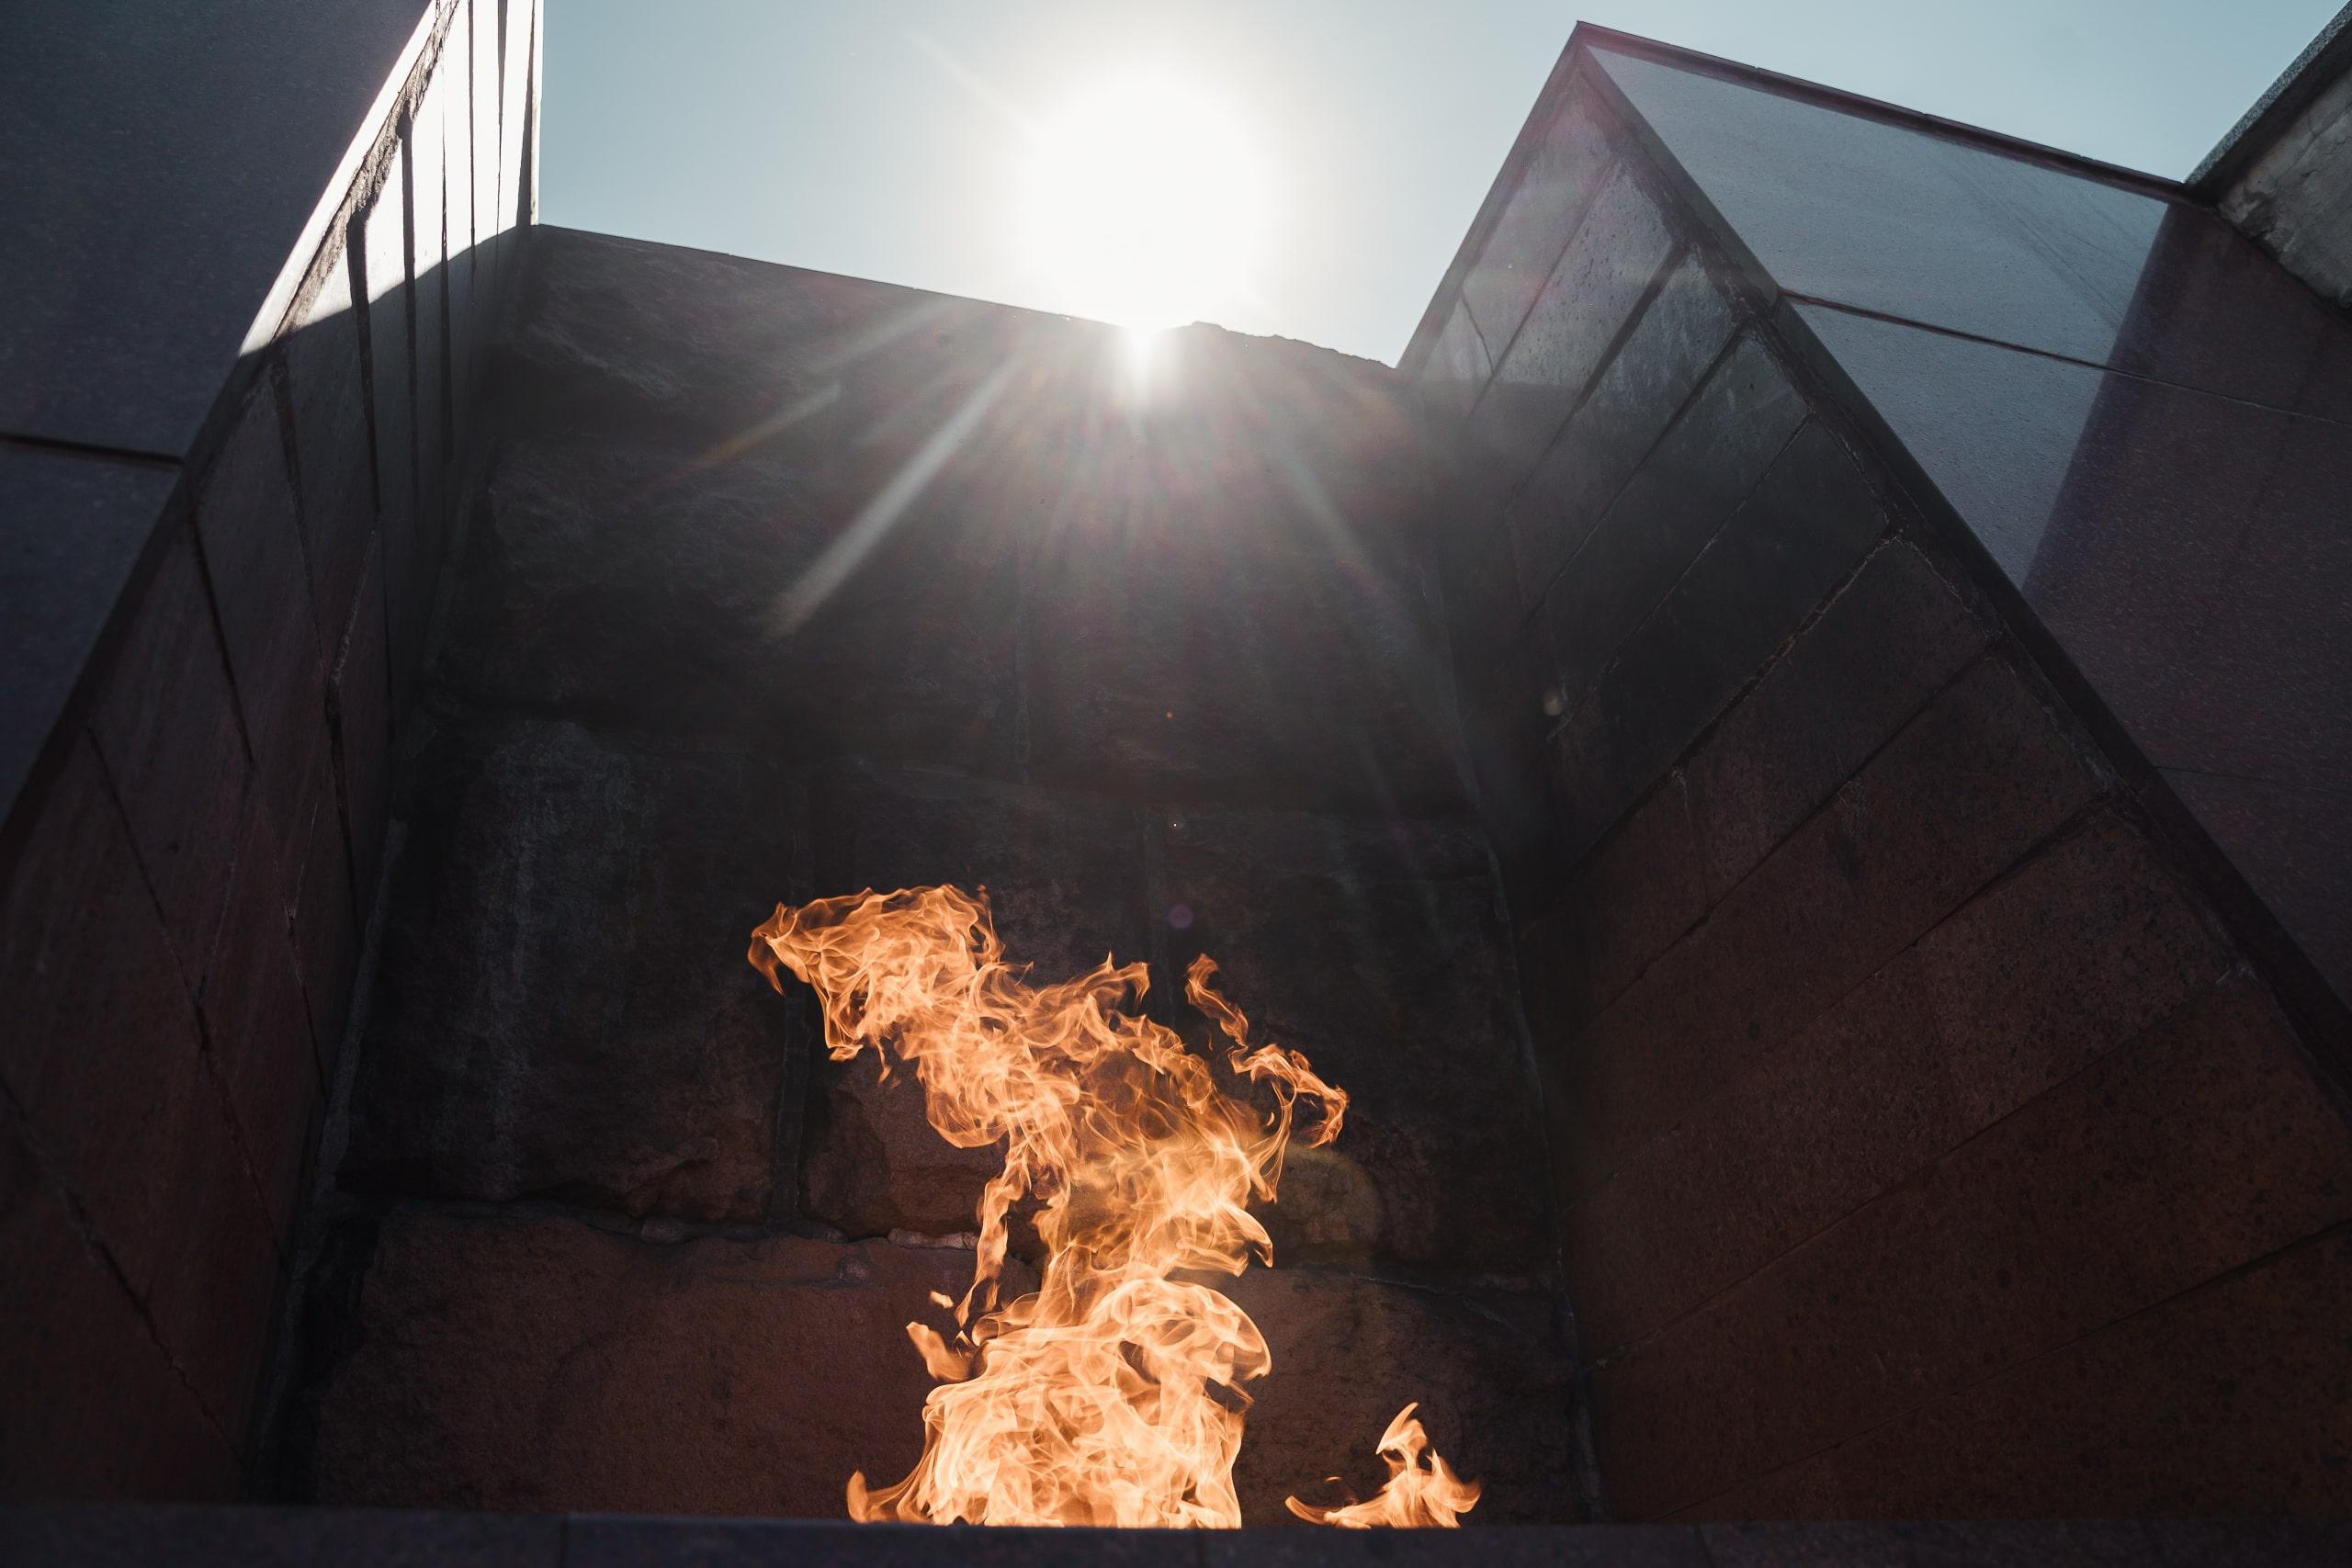 В Тверь привезли частицу пламени Вечного огня